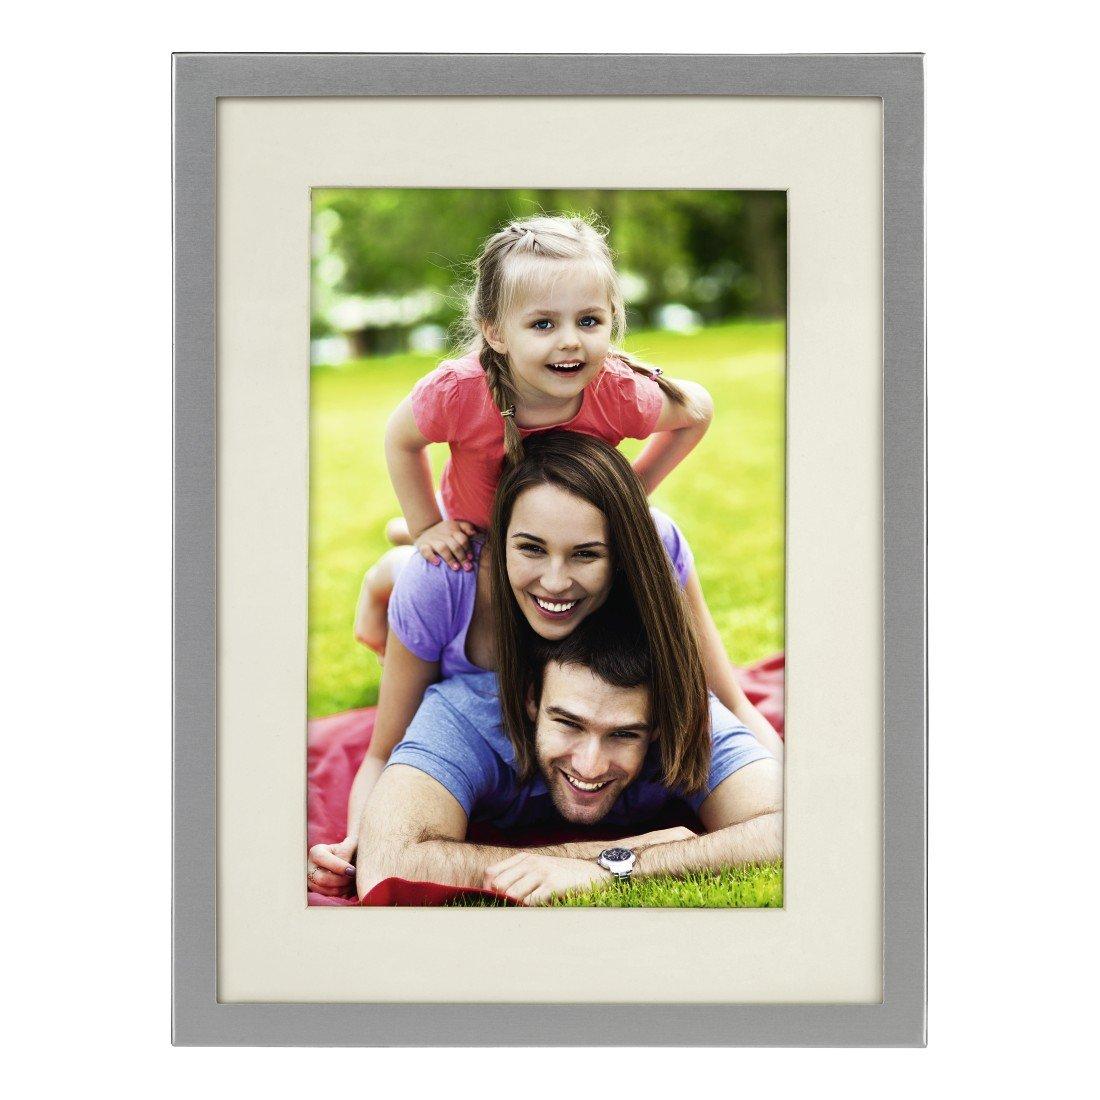 """Hama Portrait Bilderrahmen """"Illinois  für Foto-Größe 13 x 18 cm (Fotorahmen aus Metall, matt, zum Aufstellen und Aufhängen, mit Passepartout, Samtrückwand, Echtglas) silber"""